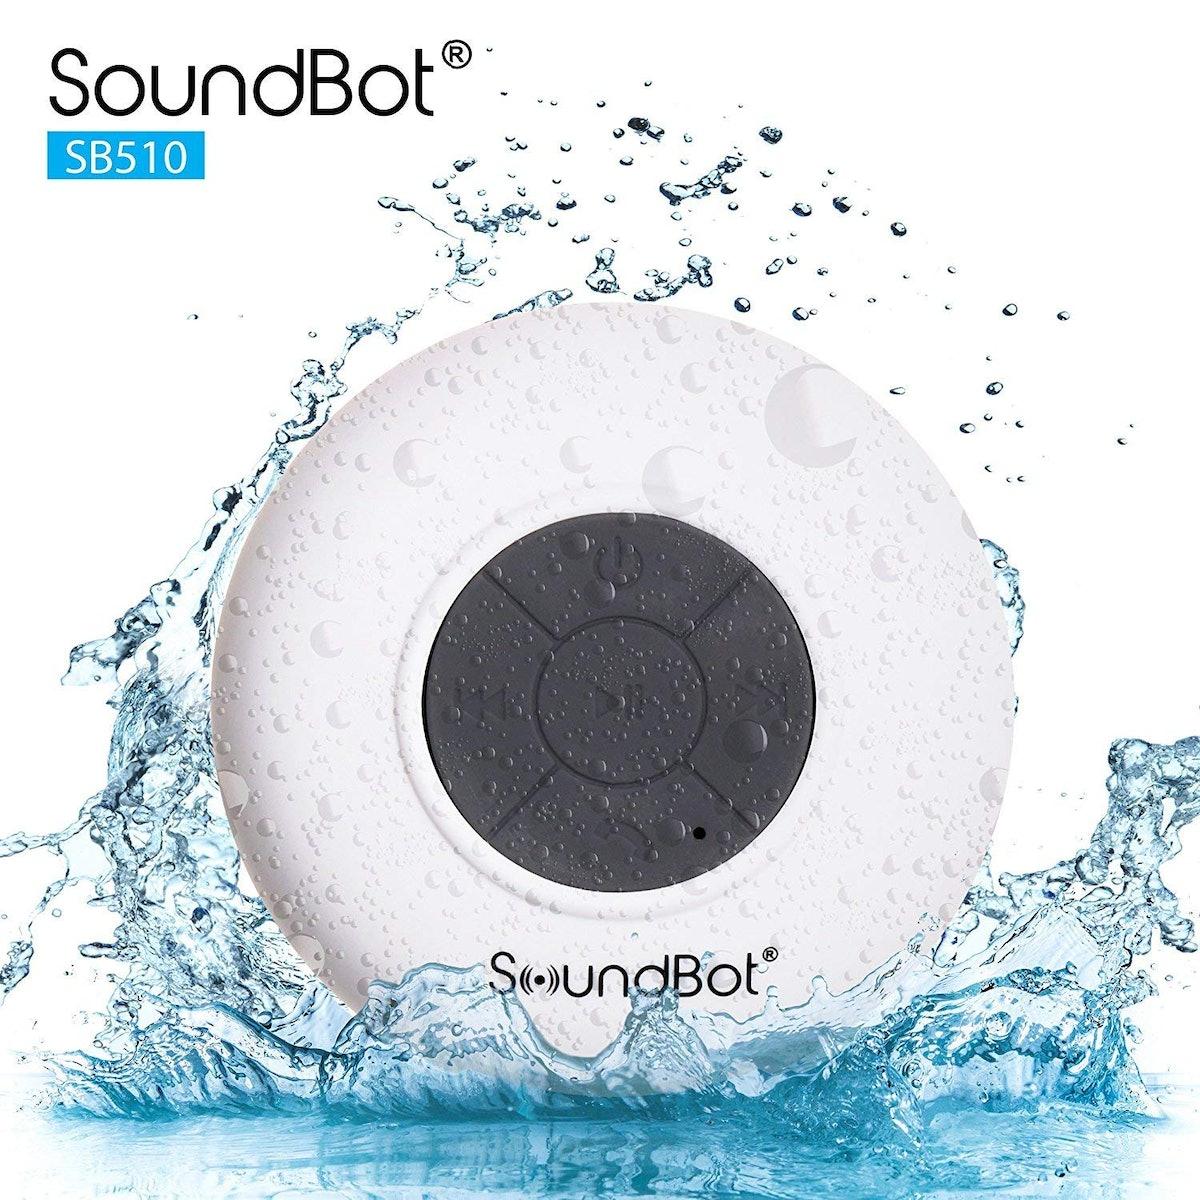 SoundBot SB510 Speaker